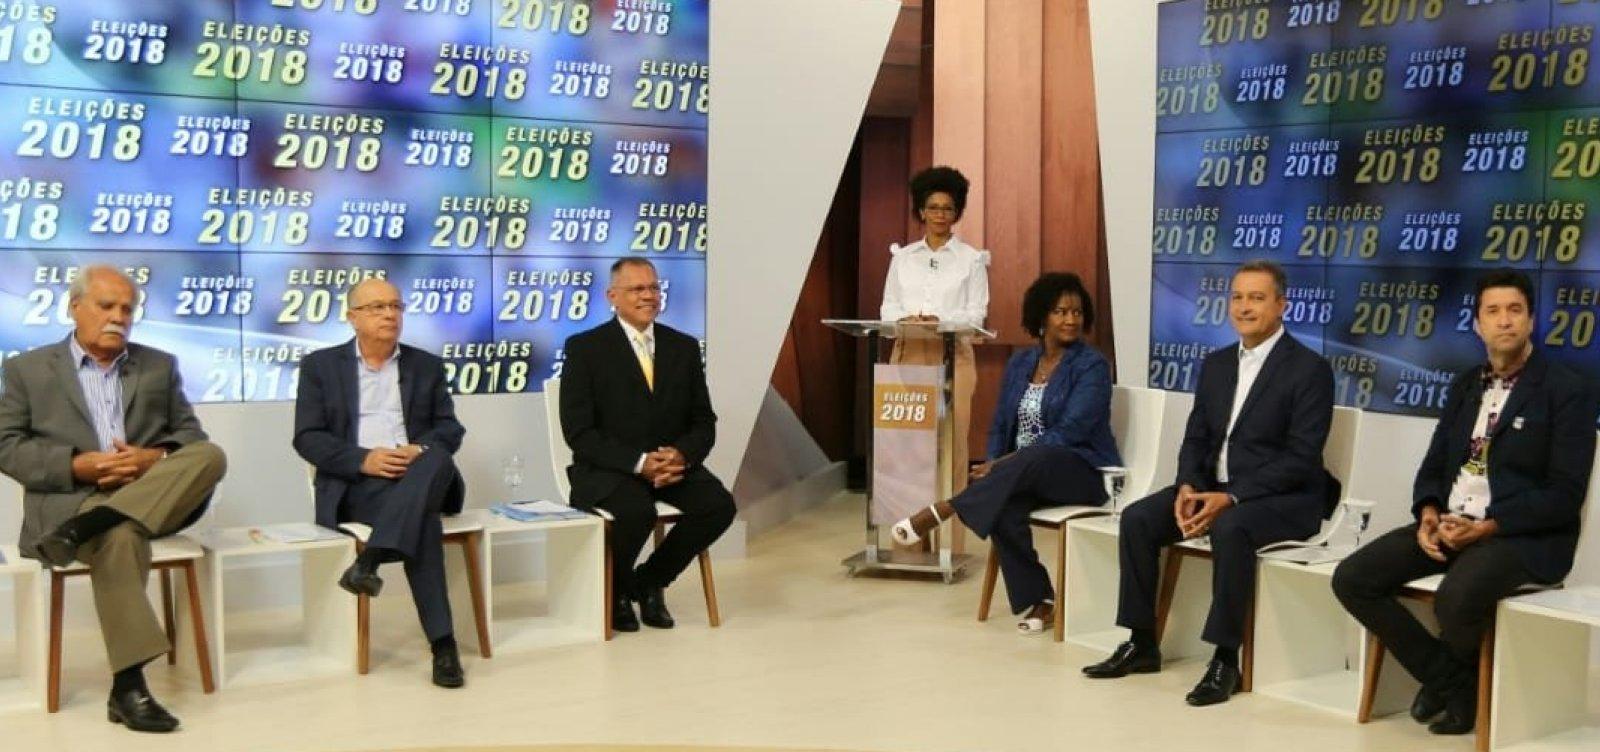 Campanha na Bahia entra na reta final com debates e pesquisa